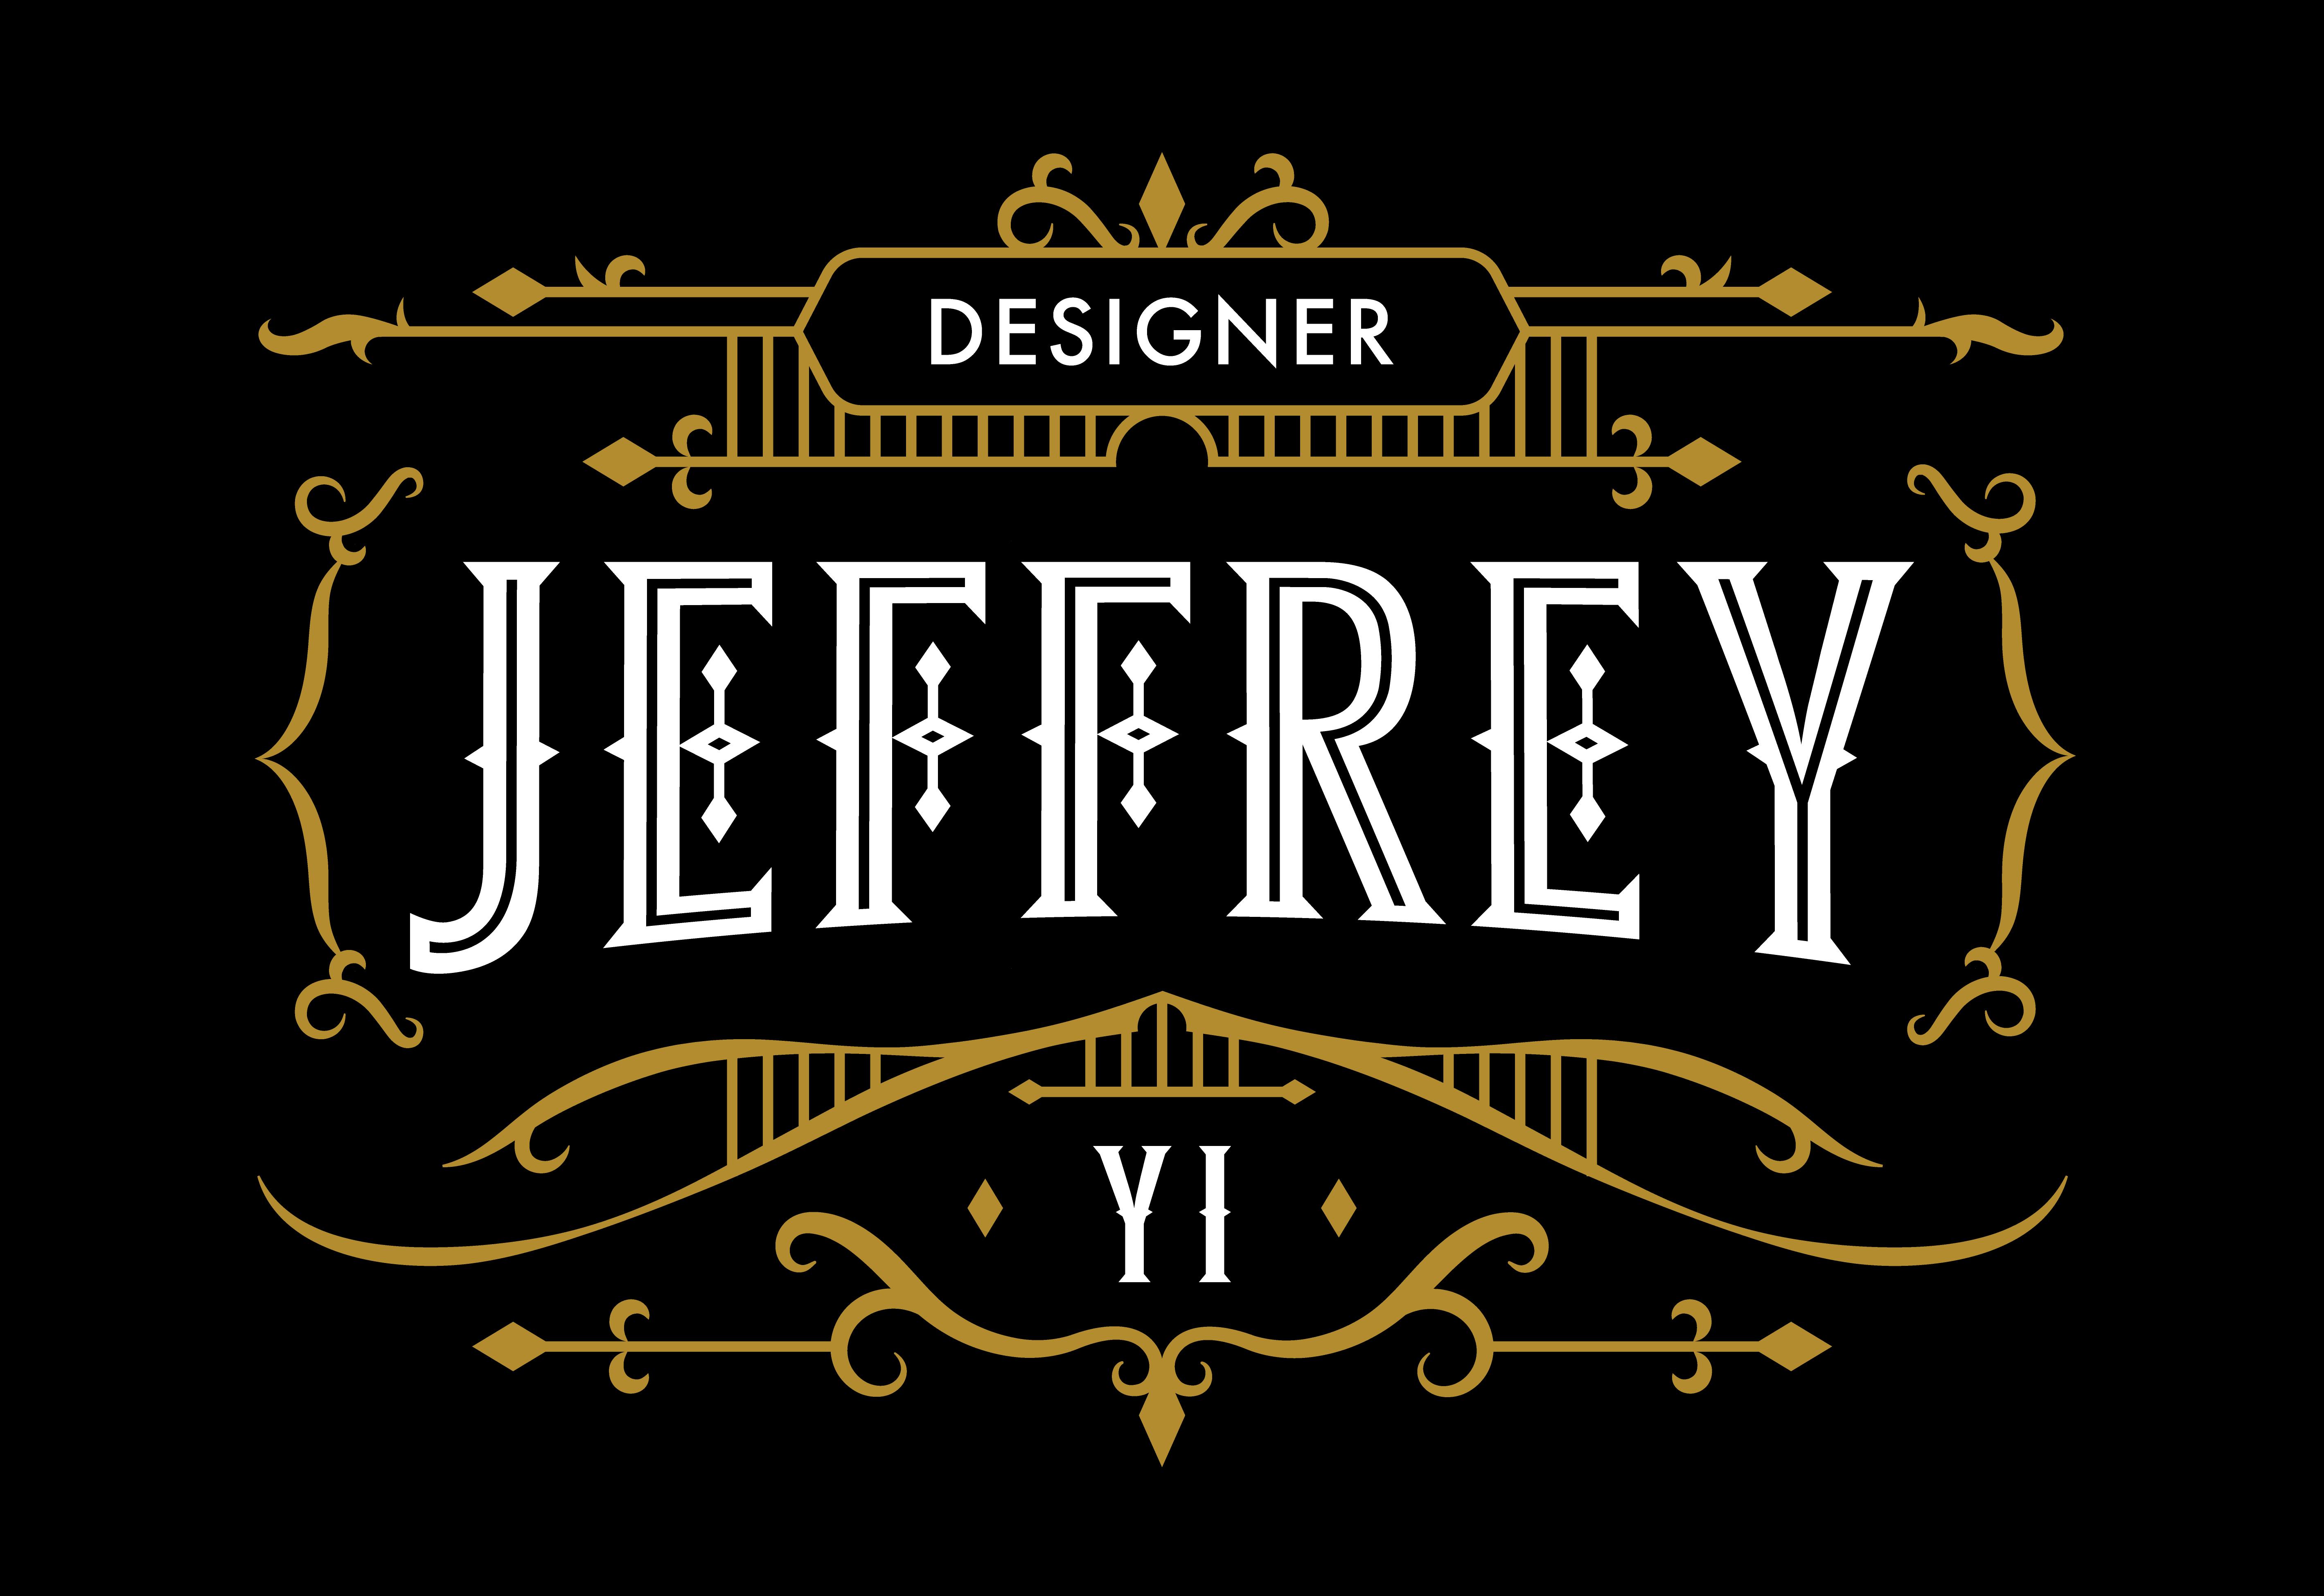 Jeff Yi